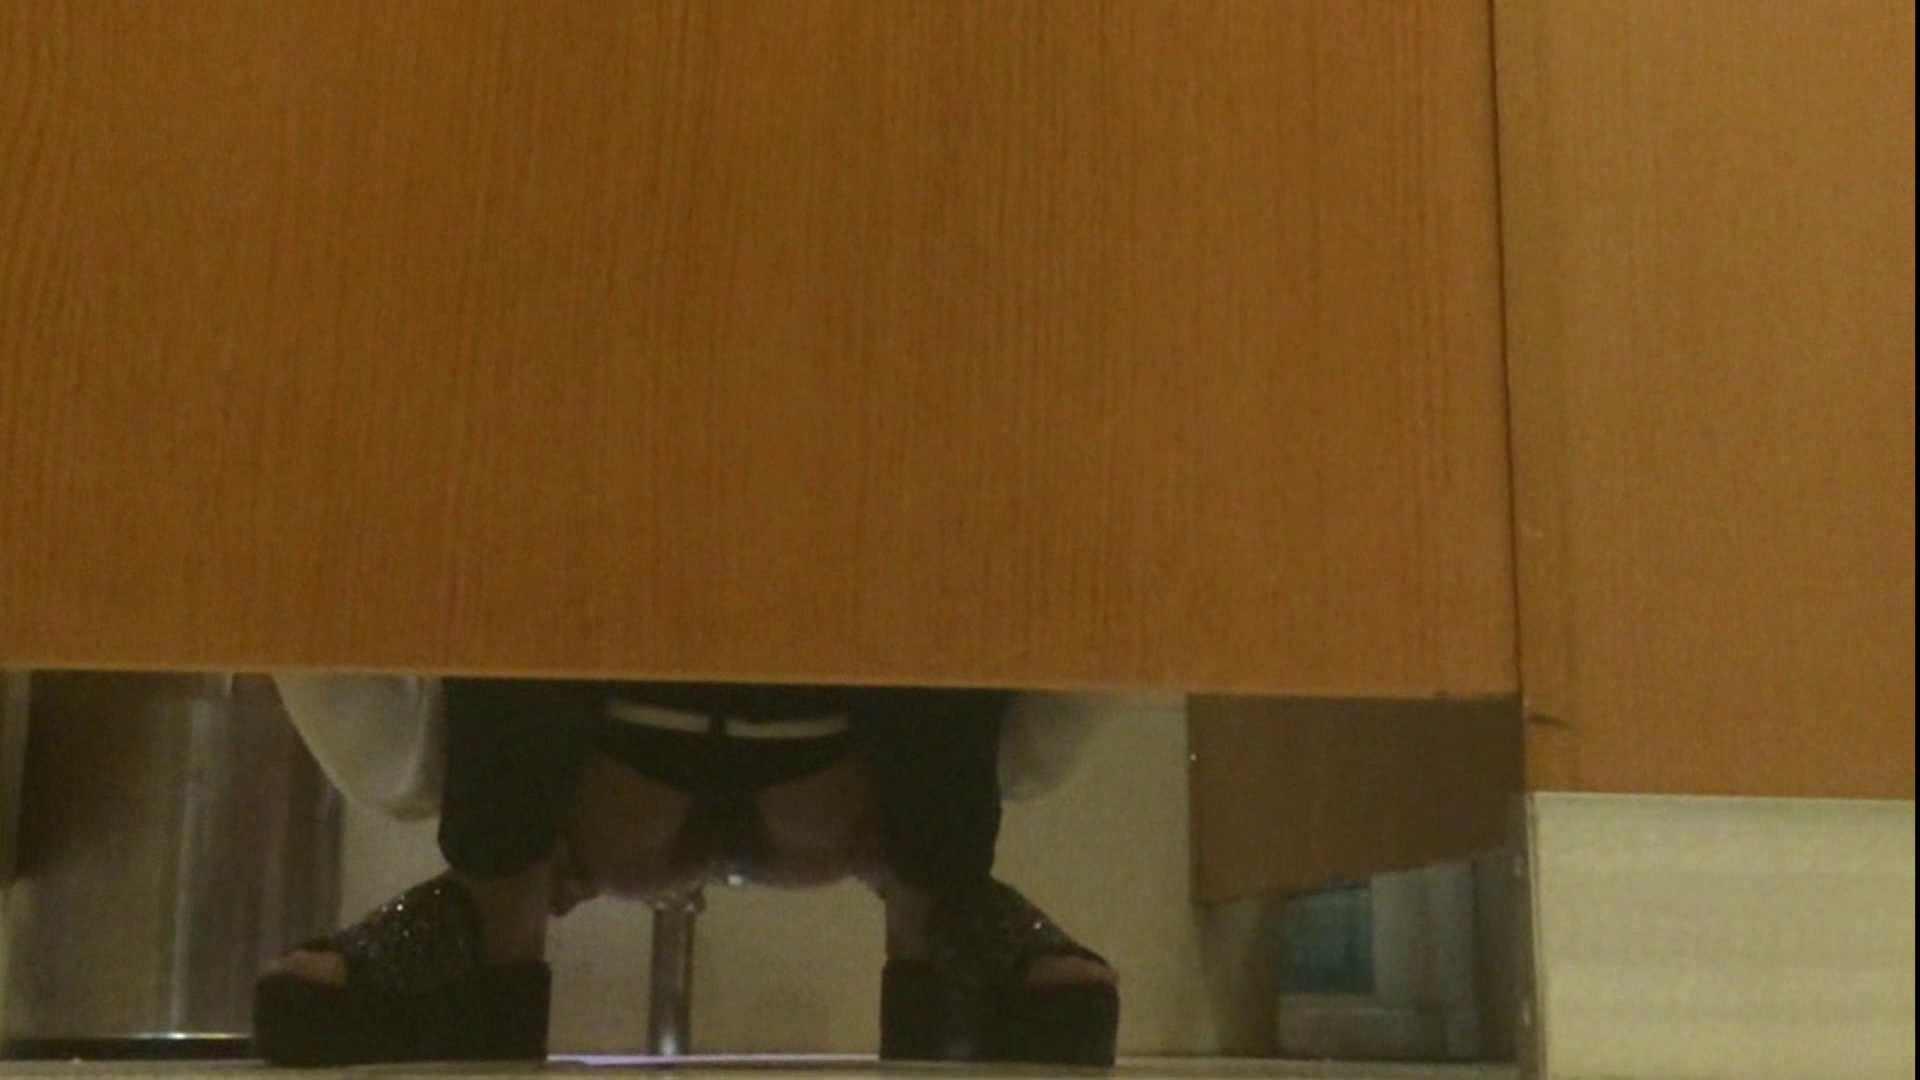 隣国化粧室下から御免!! No.14 洗面所   美女  66pic 17